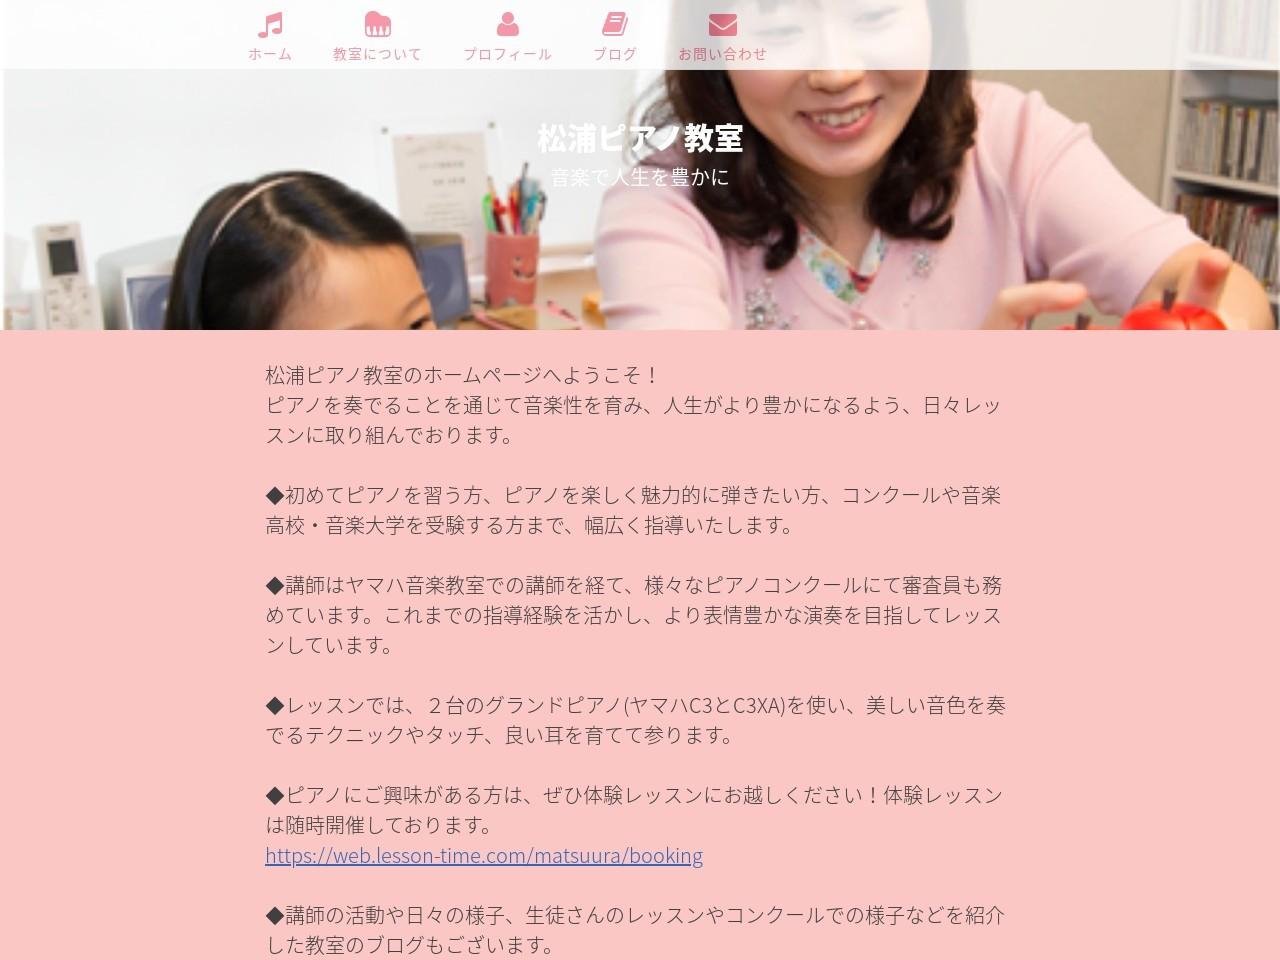 松浦ピアノ教室のサムネイル